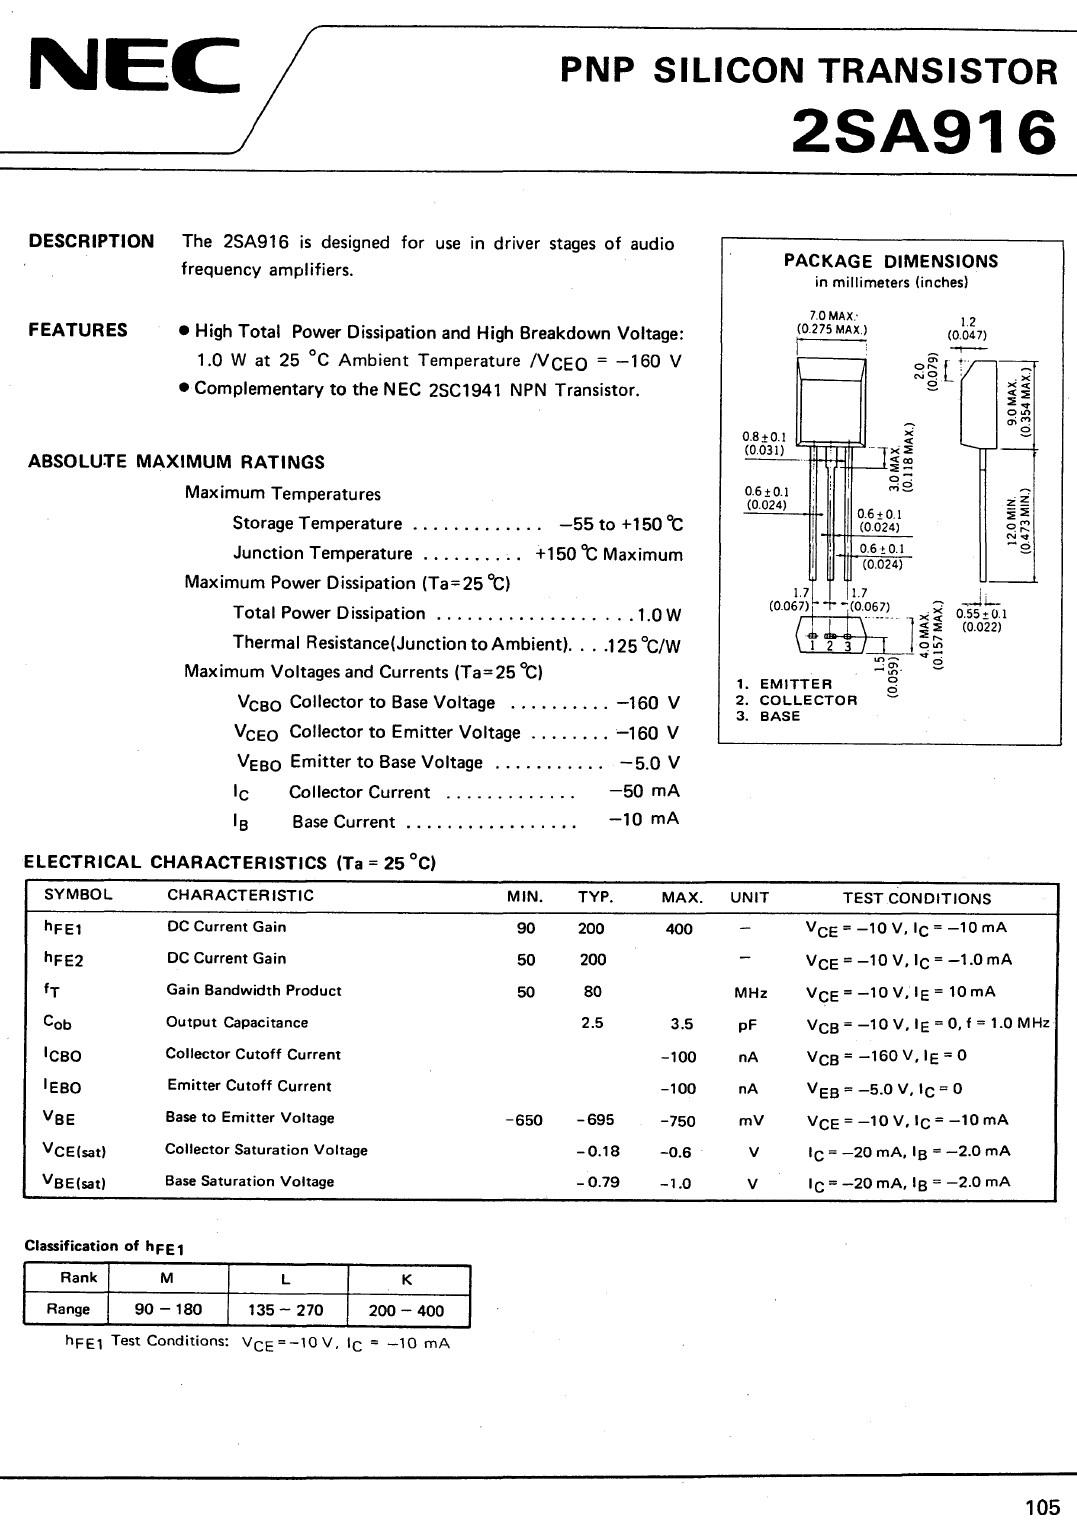 SI-P 160V 0.05A 1W 80MHz  NF 2SA916